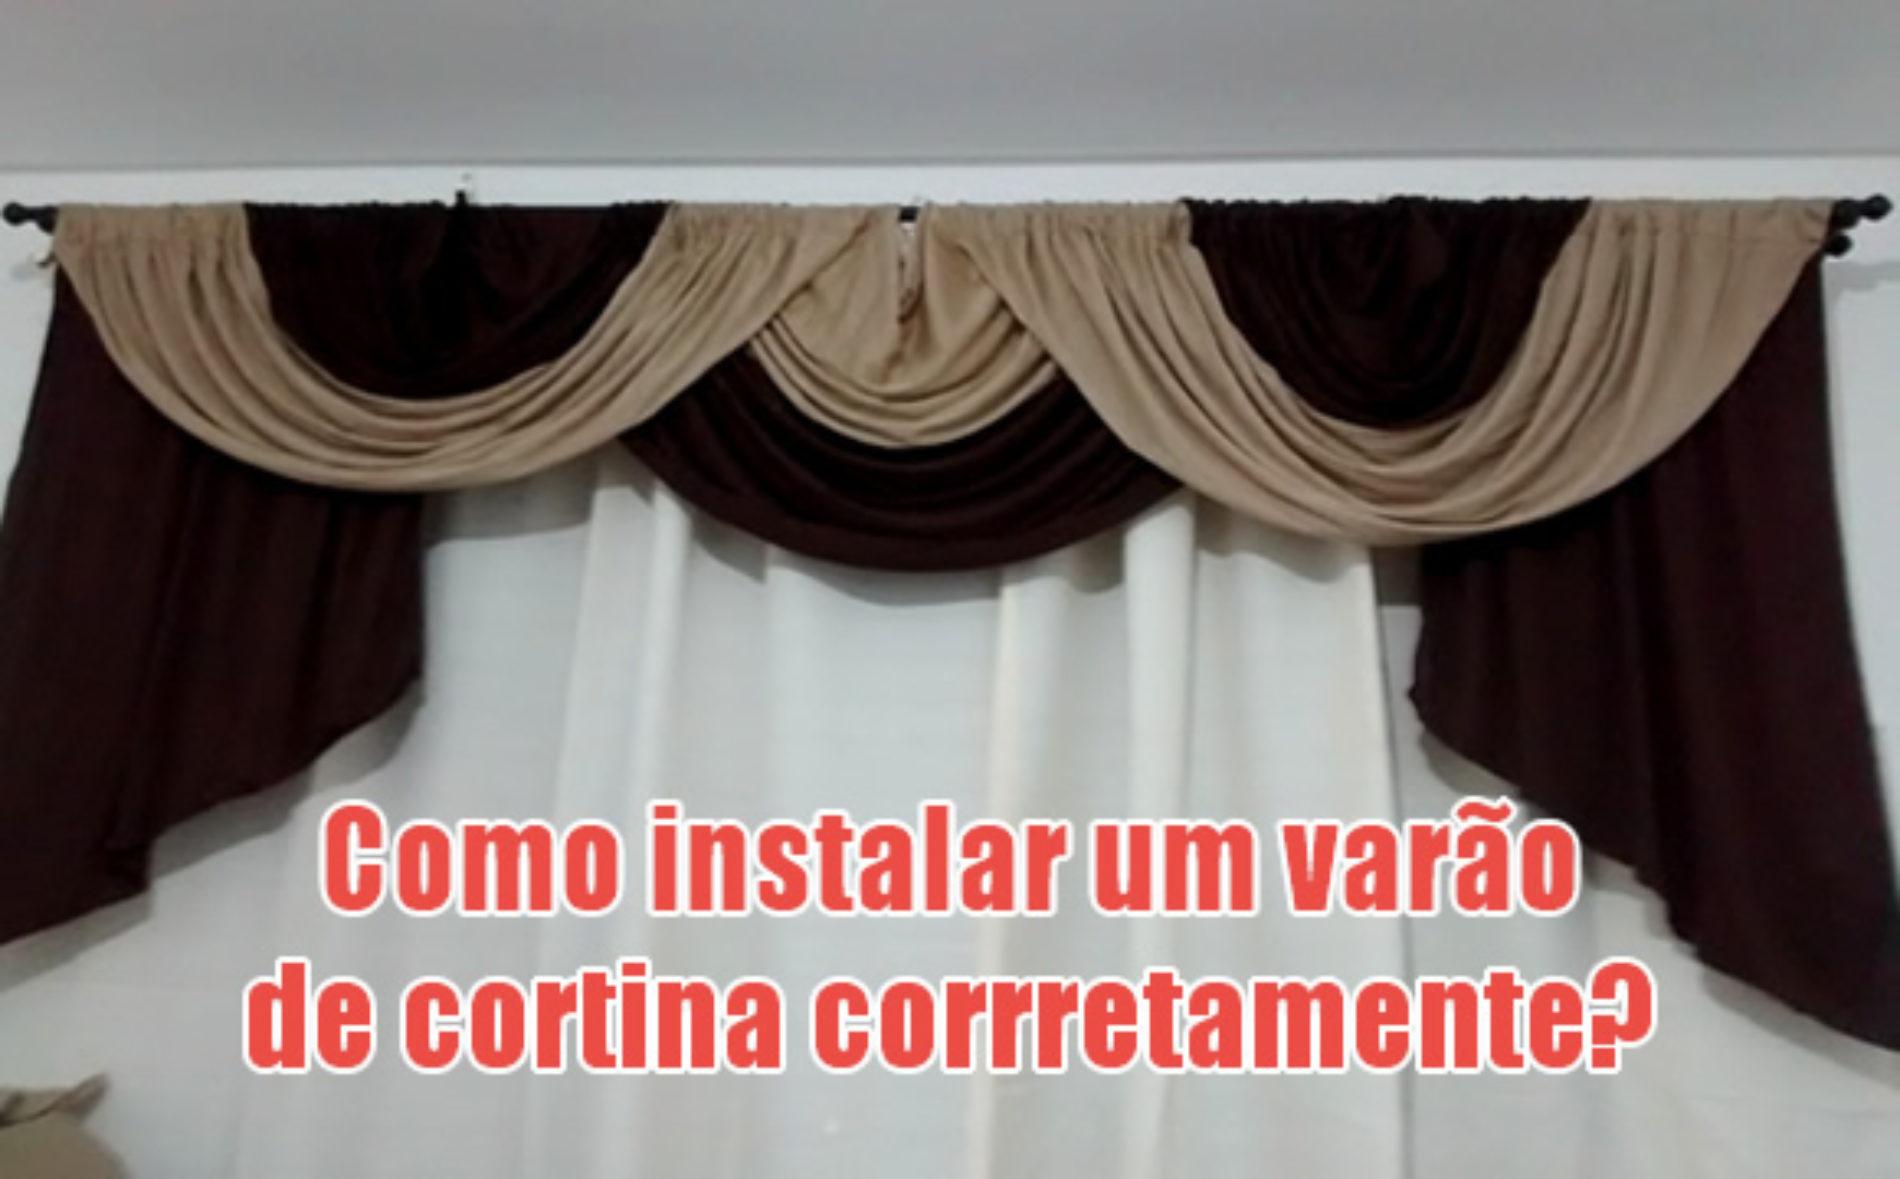 Como colocar o varão da cortina corretamente